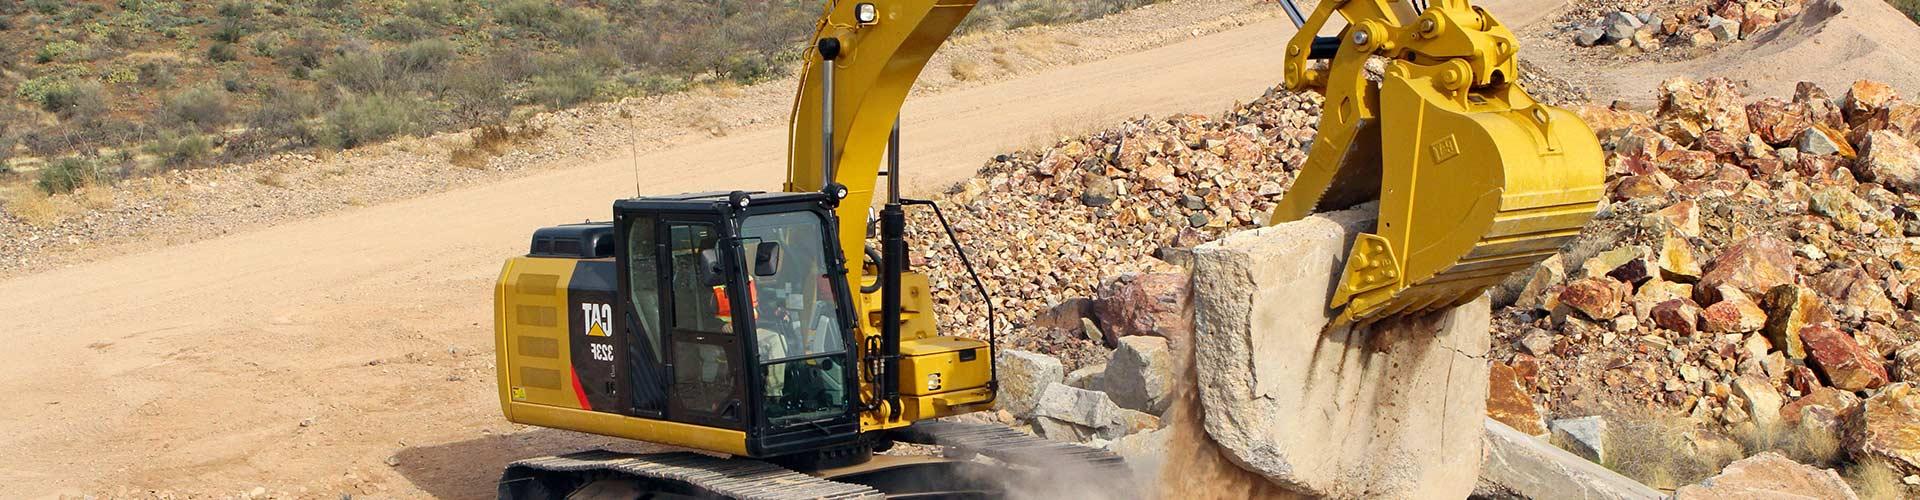 Corso di aggiornamento per addetto alla conduzione di escavatori idraulici